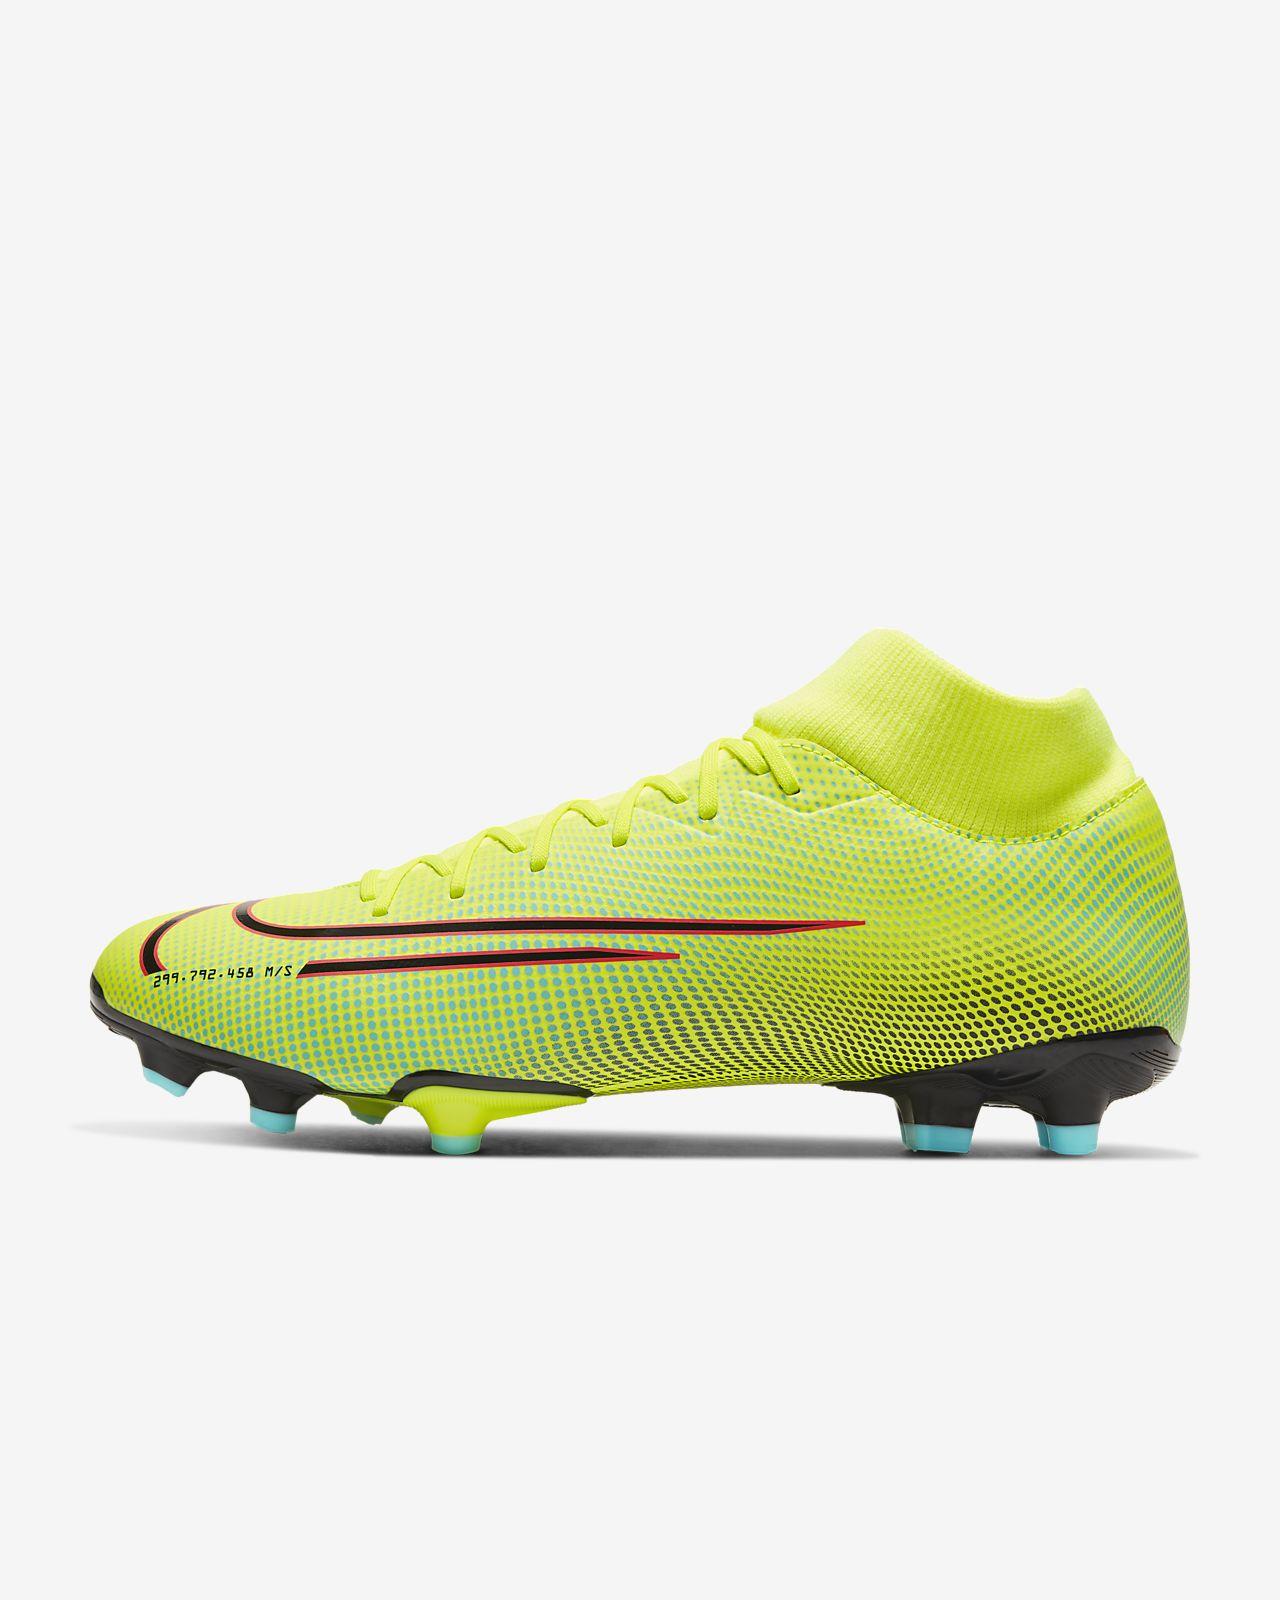 Nike Mercurial Superfly 7 Academy MDS MG Fußballschuh für verschiedene Böden